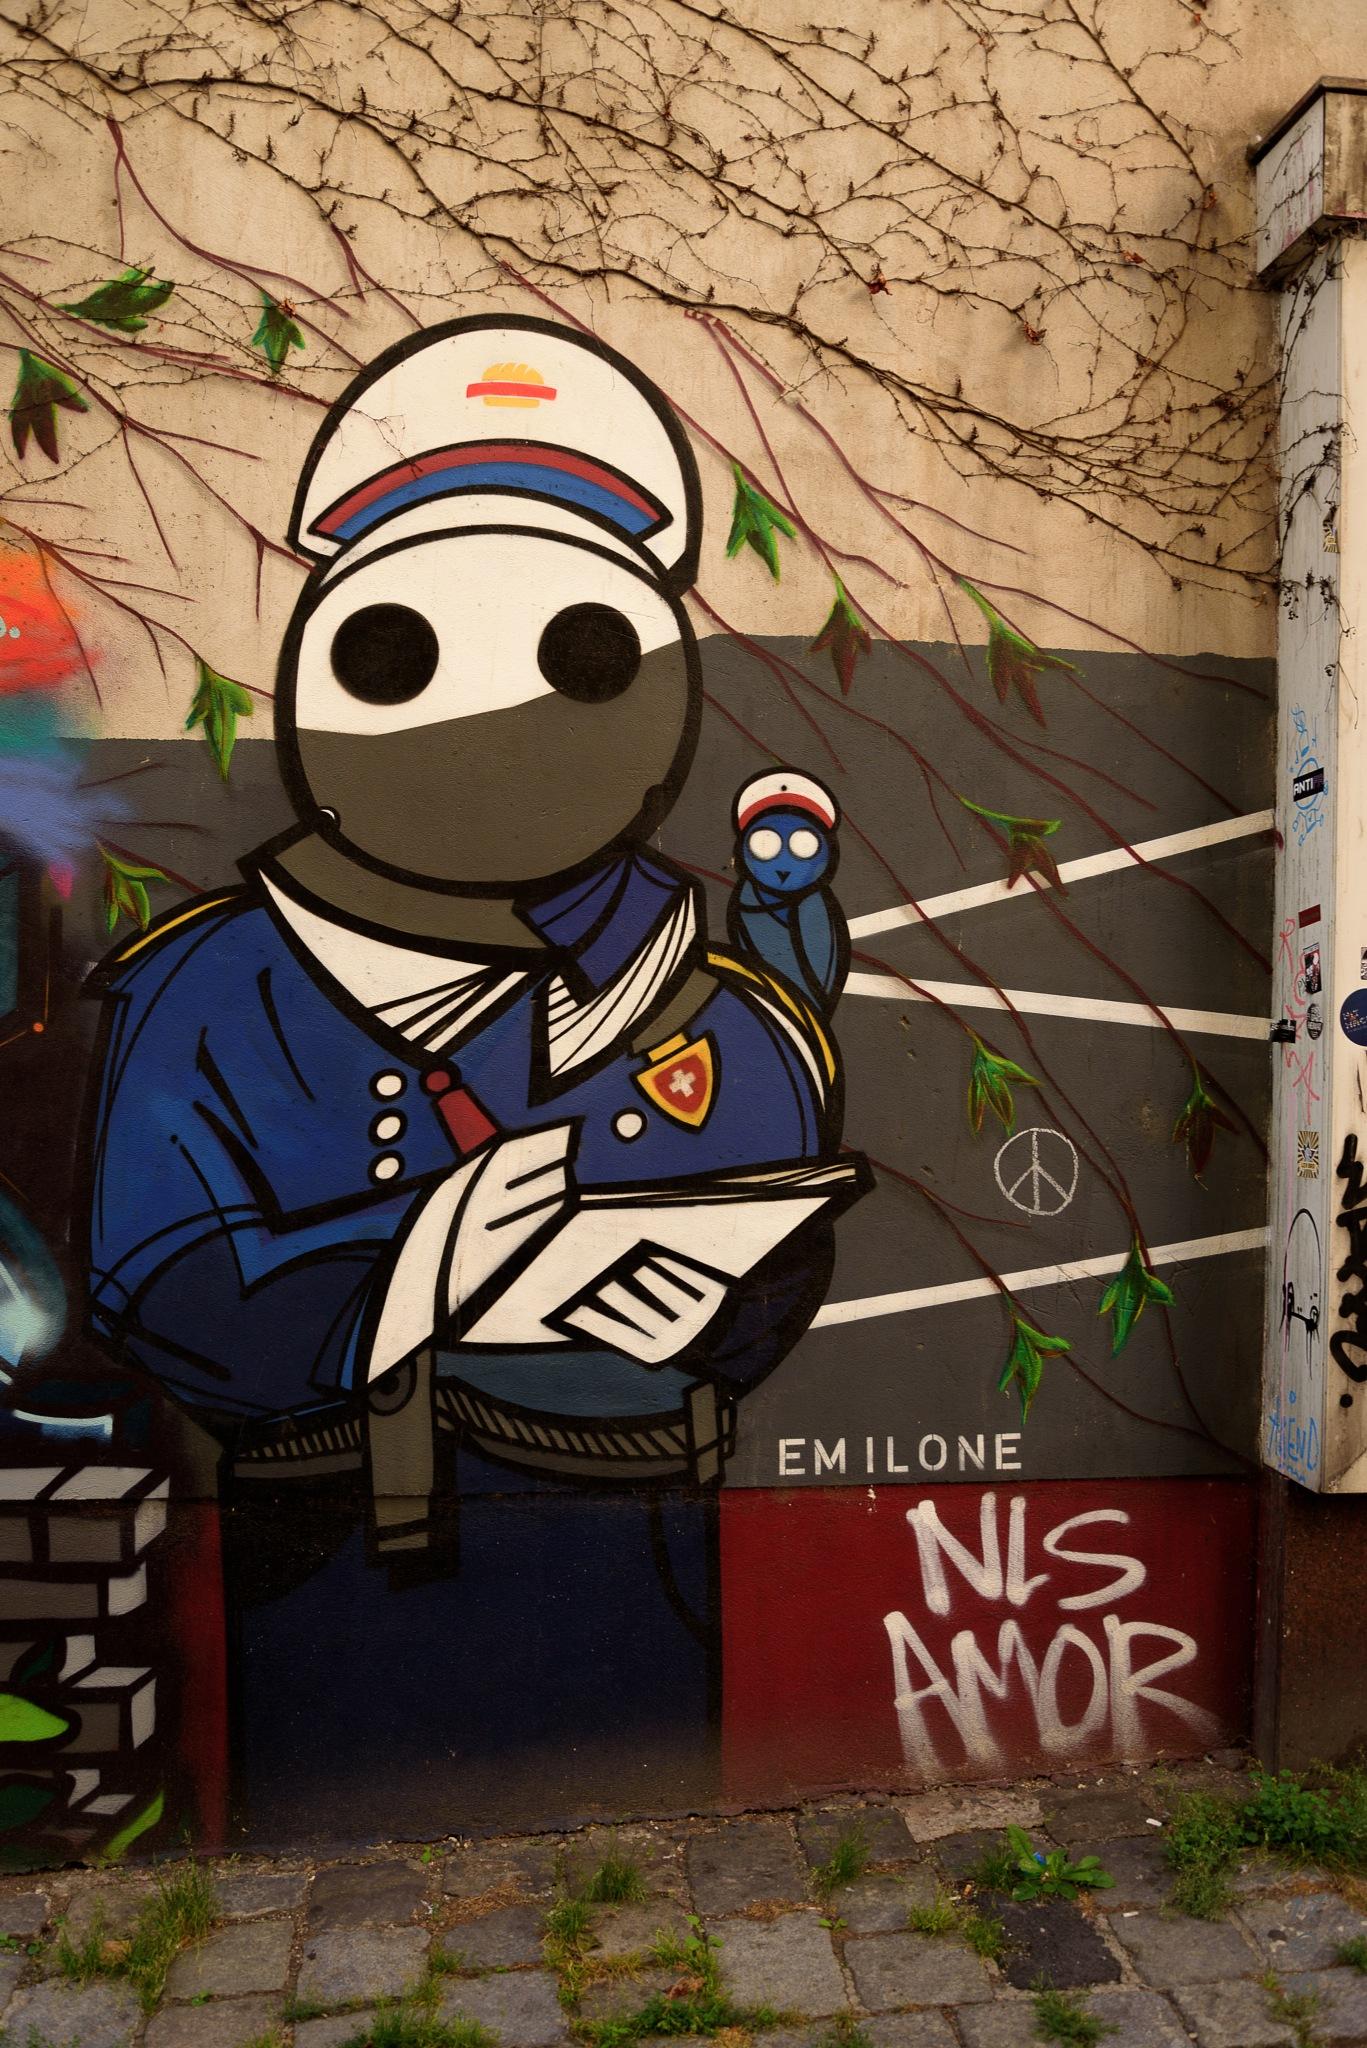 Wall Art by > Robert Braun <